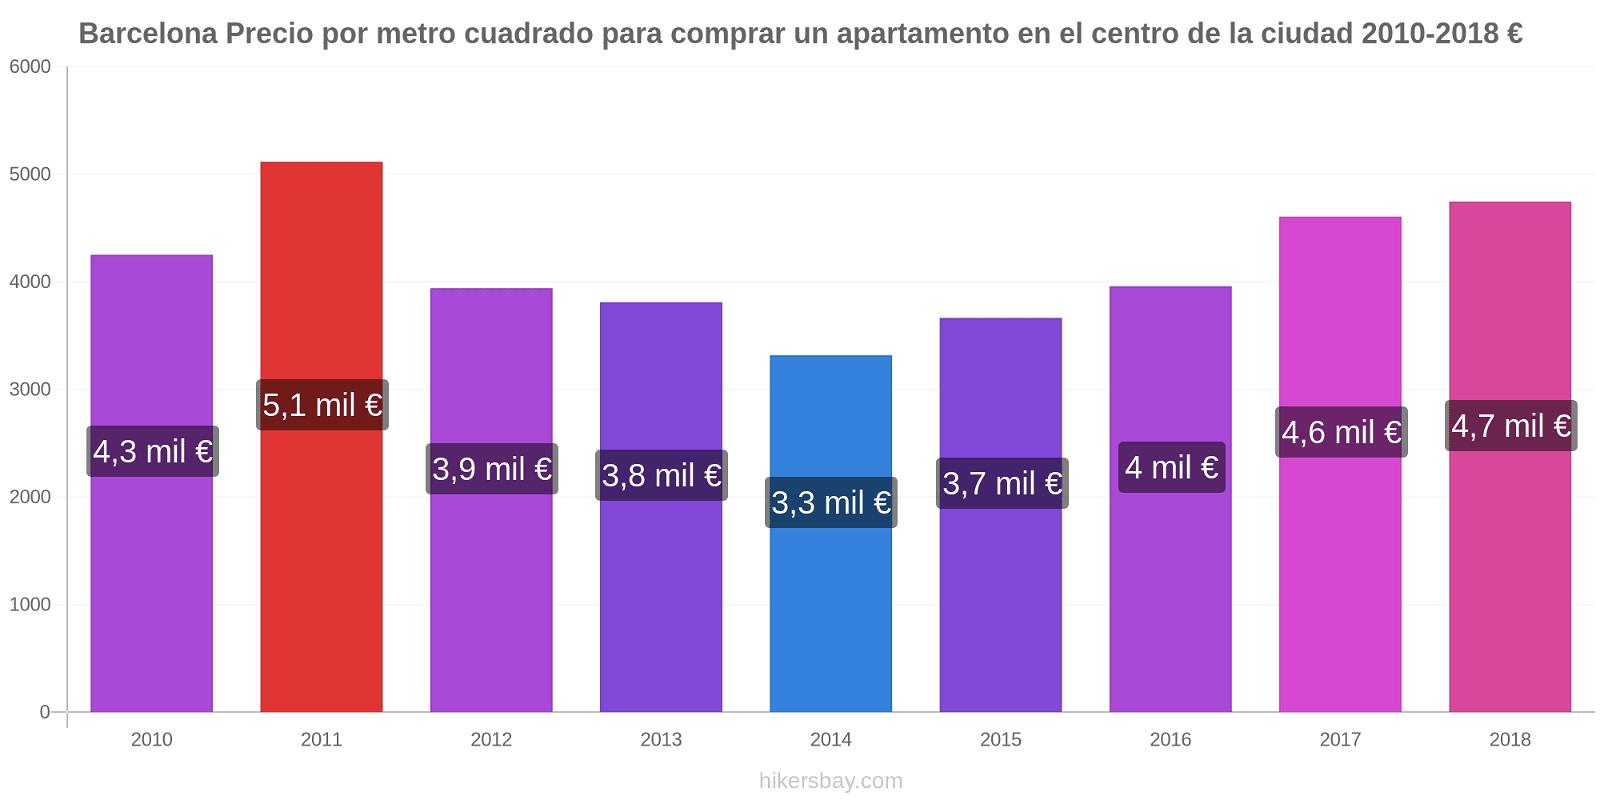 Barcelona cambios de precios Precio por metro cuadrado para comprar un apartamento en el centro de la ciudad hikersbay.com